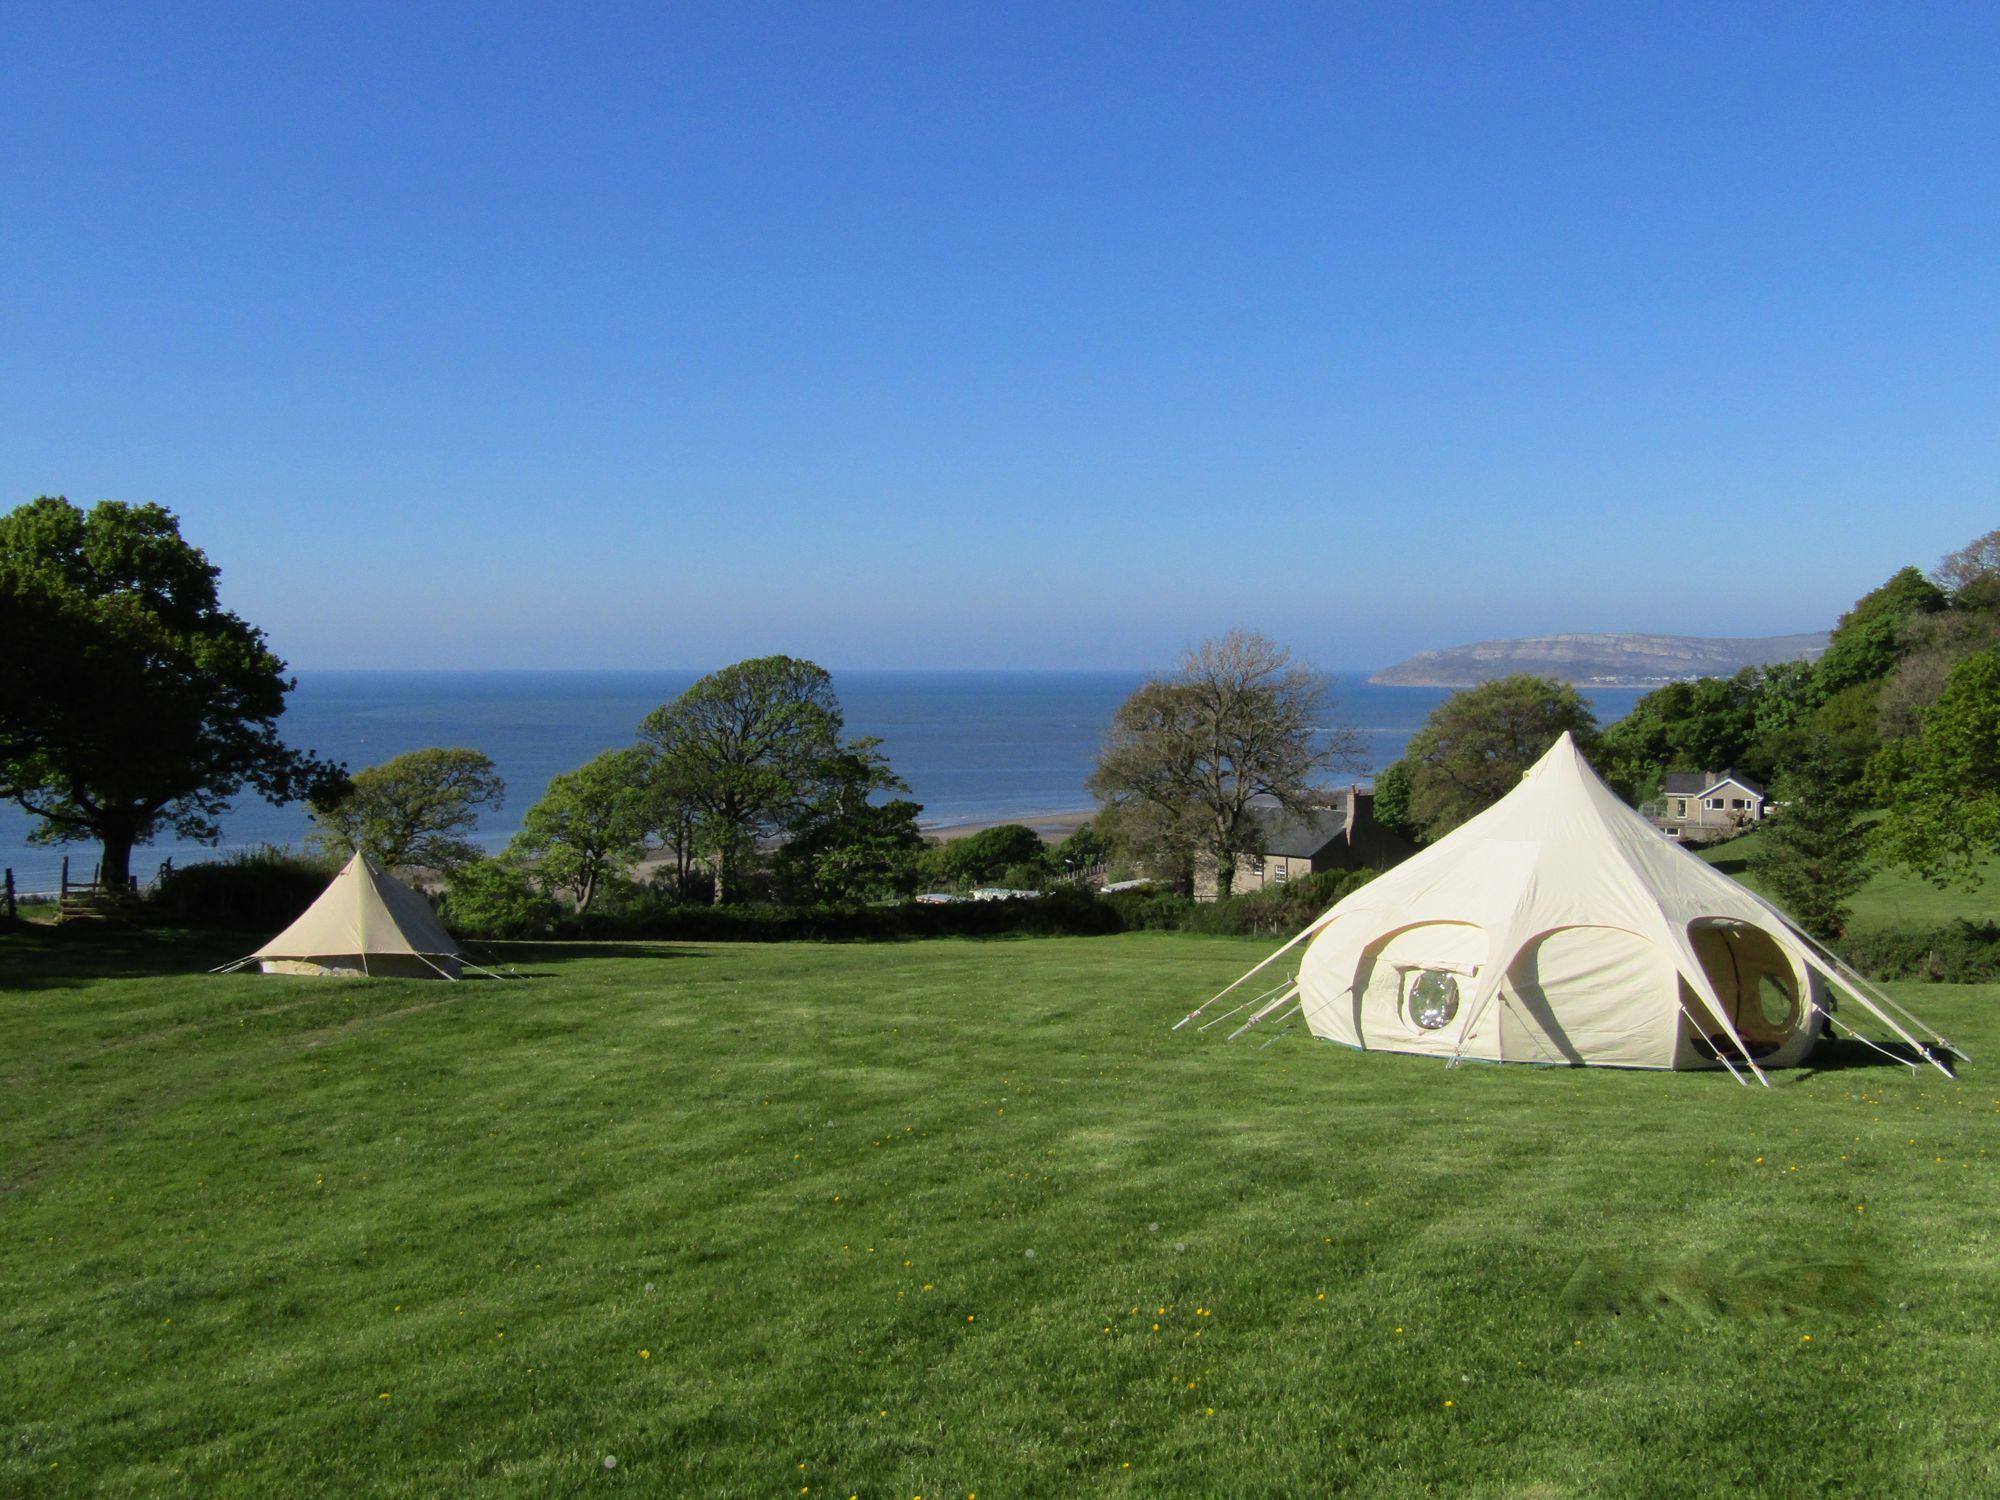 Trwyn Yr Wyfla Camping